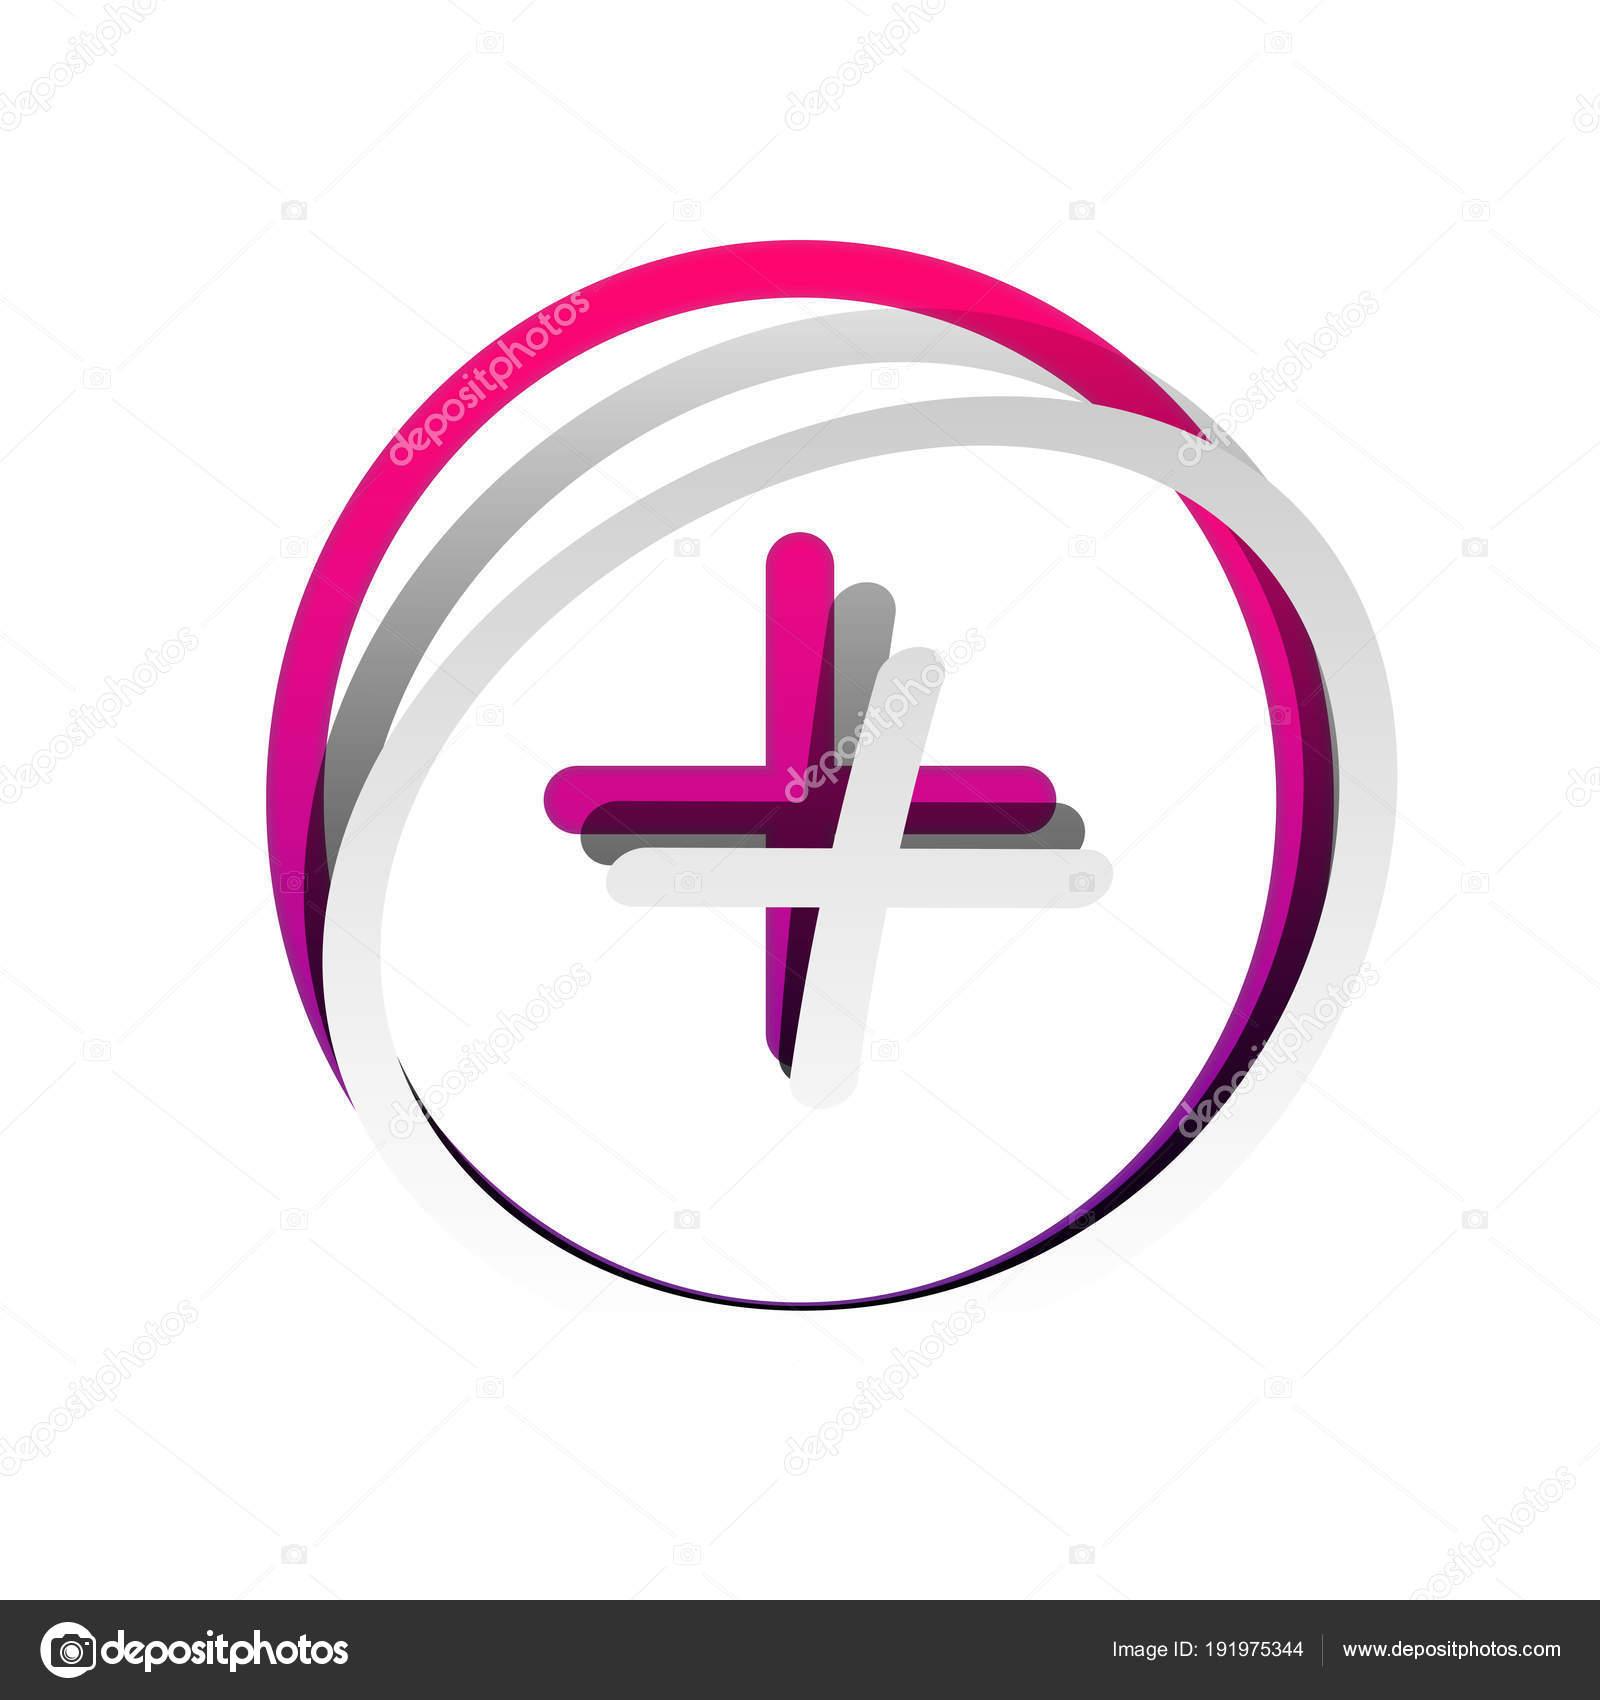 Positivo logo vector — 1